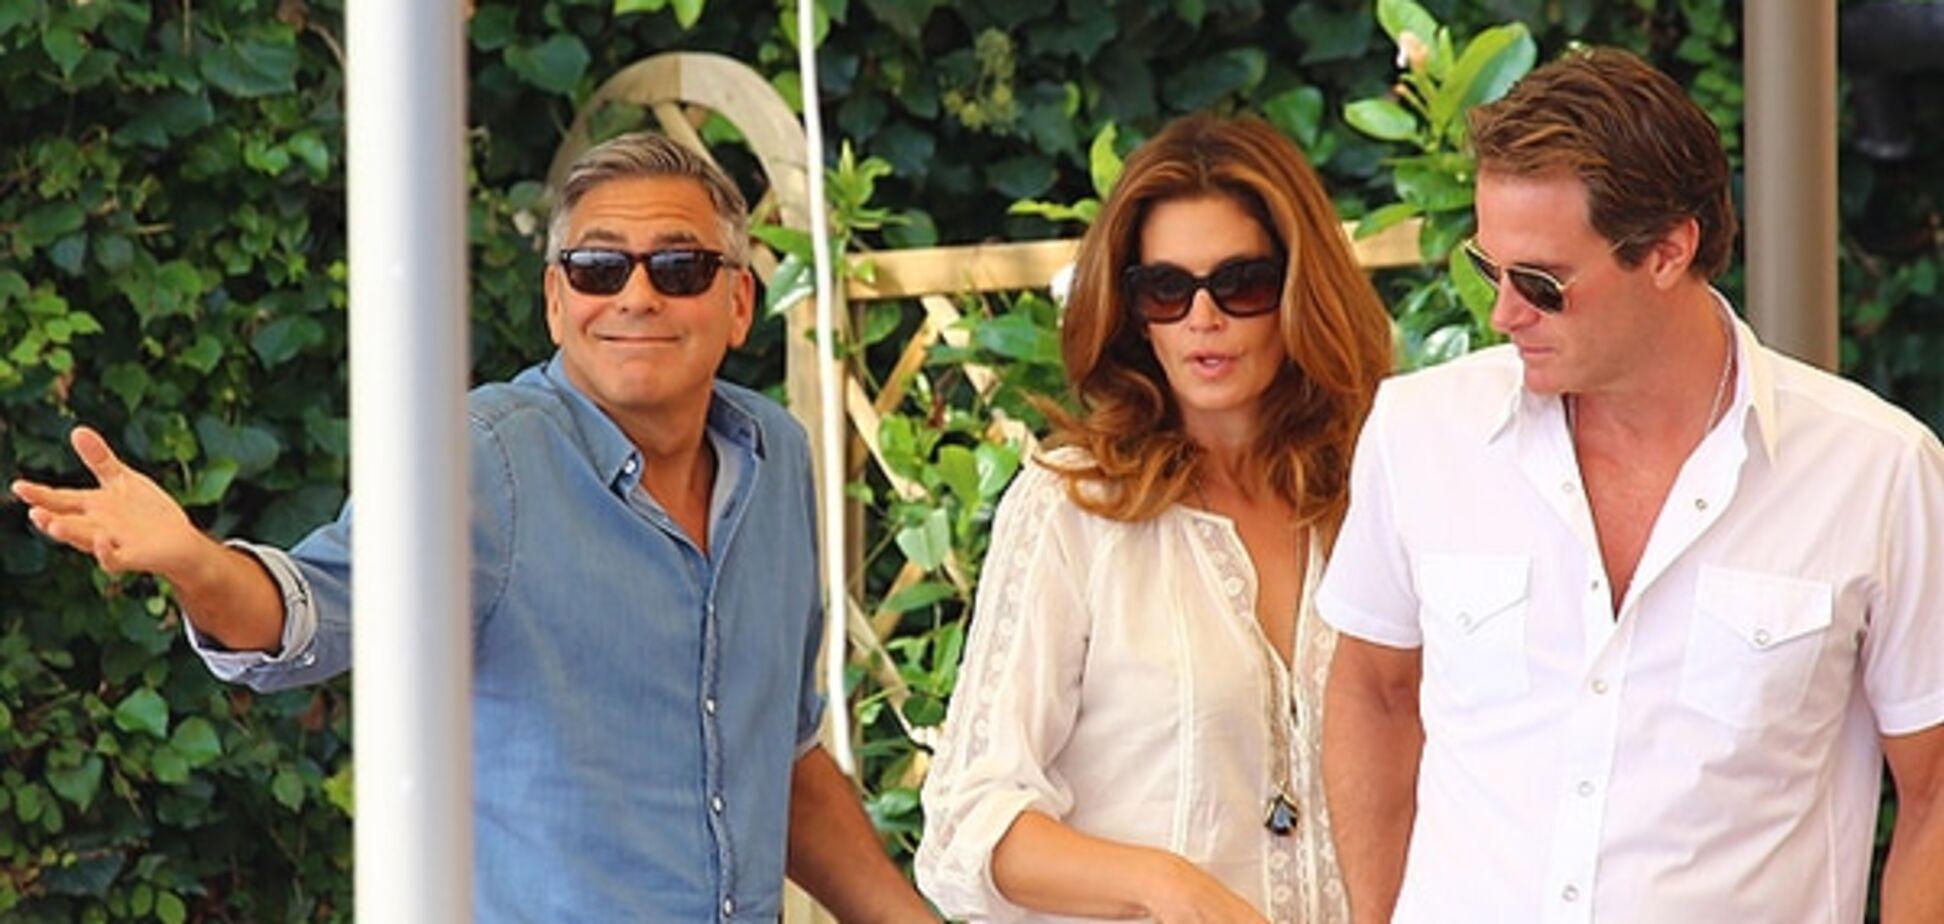 Джордж Клуні зізнався, що спав із заміжньою Сінді Кроуфорд